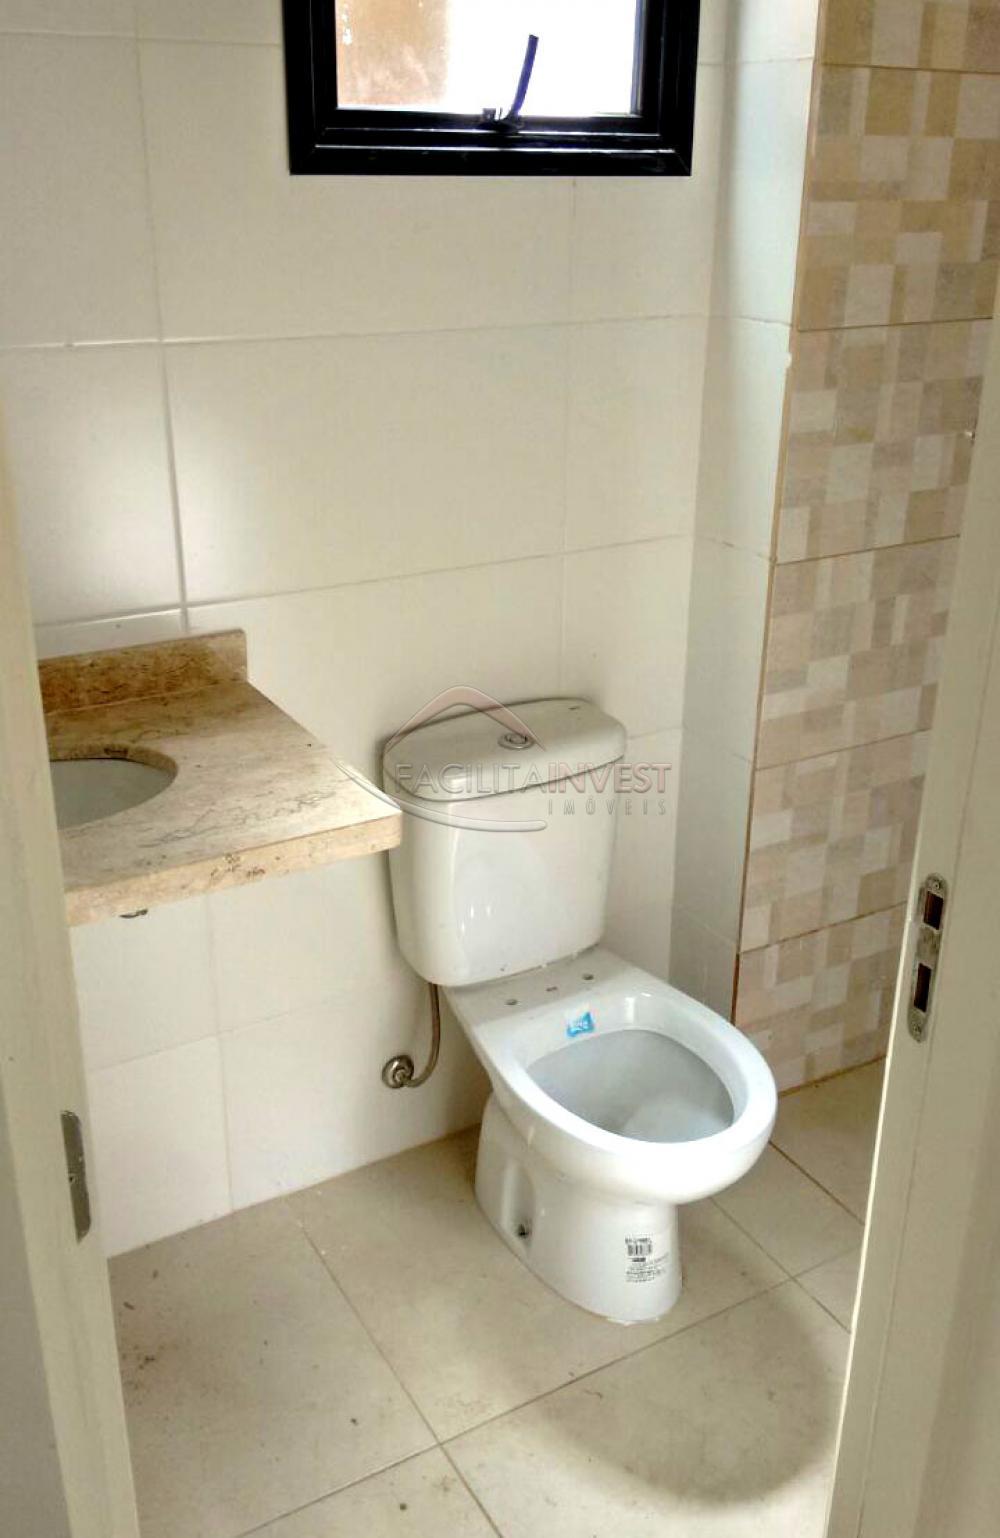 Comprar Apartamentos / Apart. Padrão em Ribeirão Preto apenas R$ 287.000,00 - Foto 7